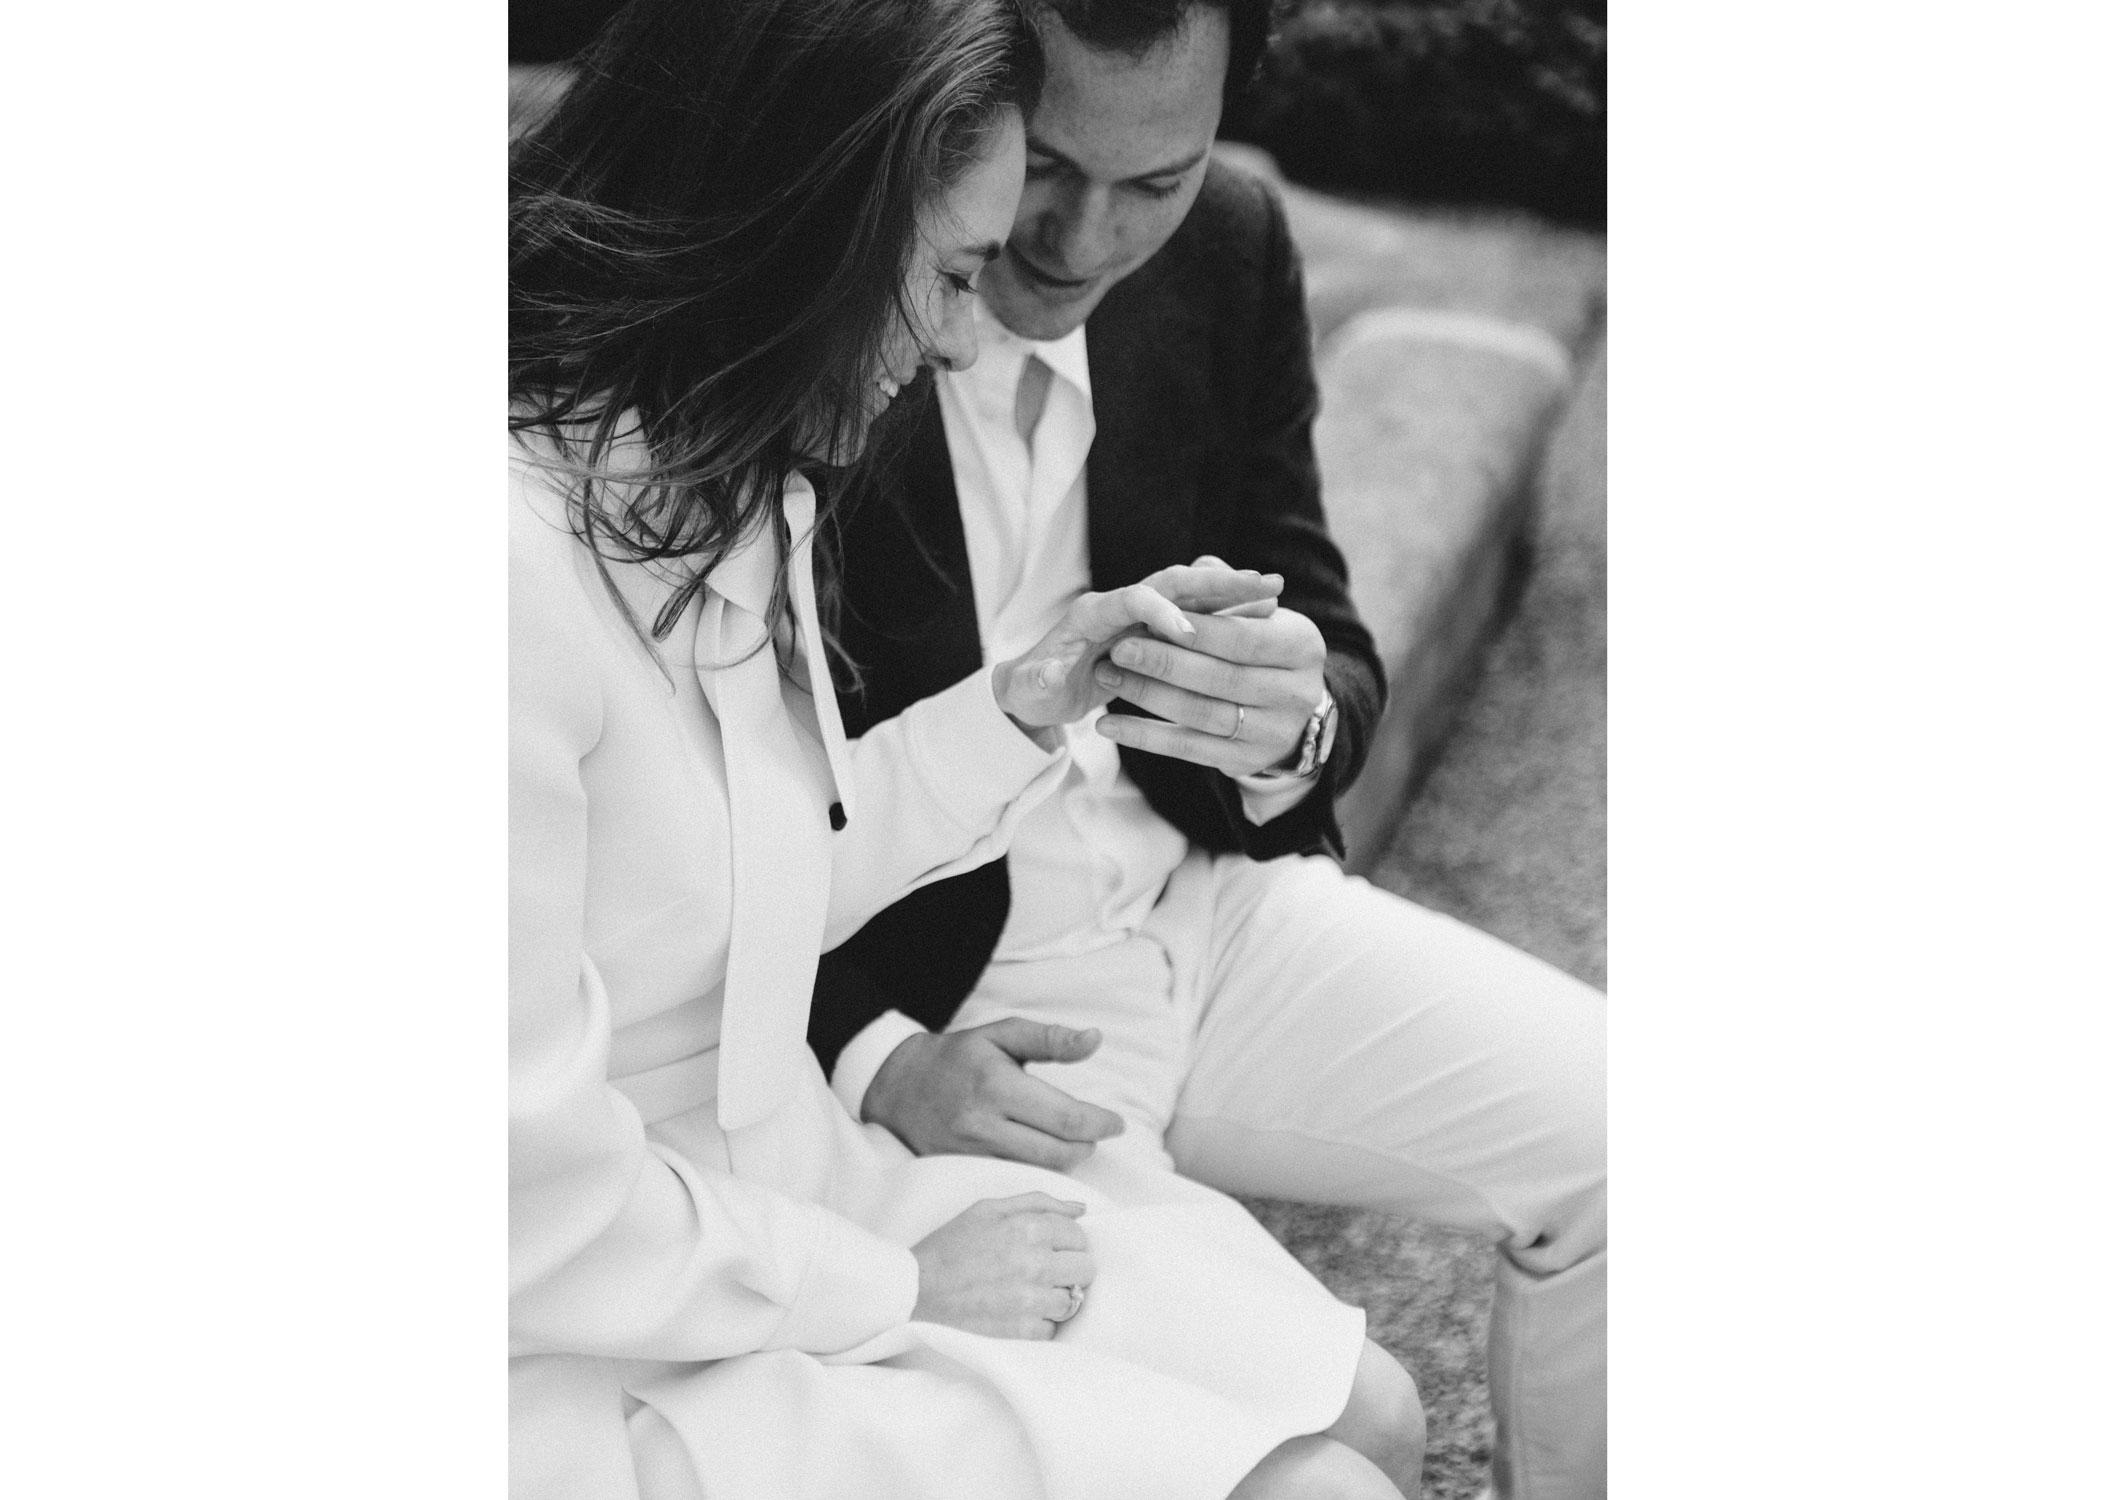 wedding_villa_meier_severini_014.jpg